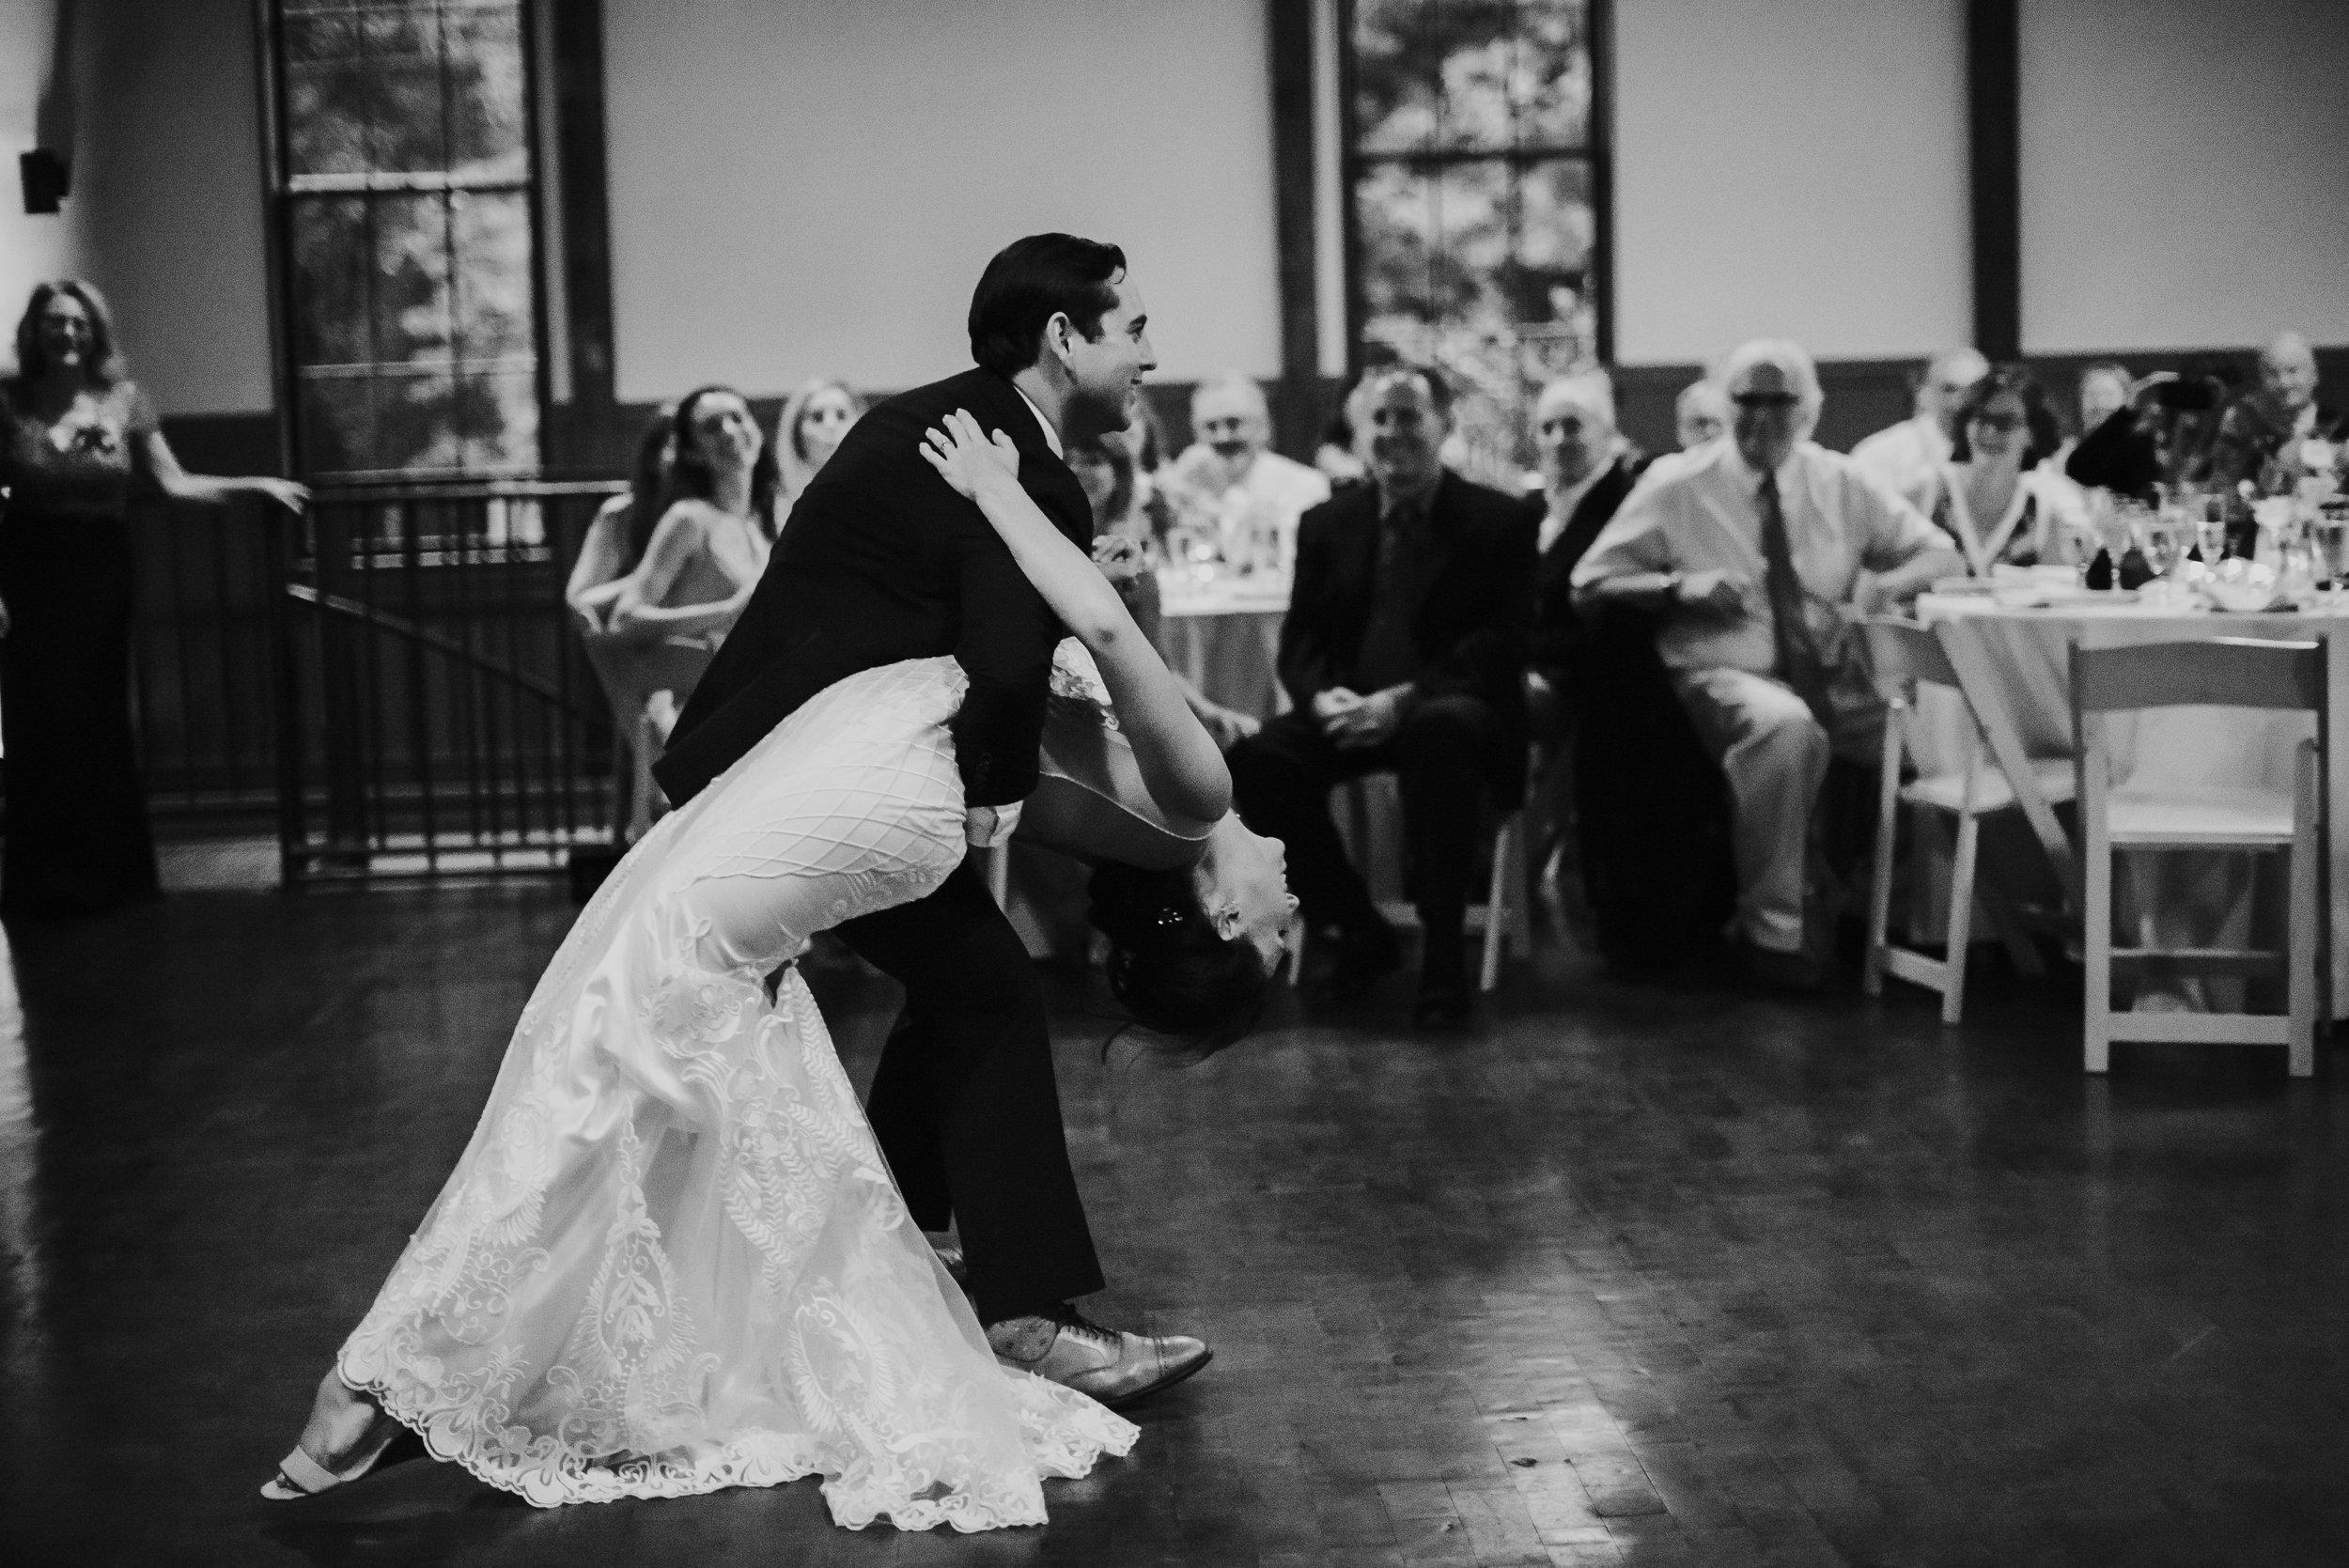 Groom dips bride while dancing